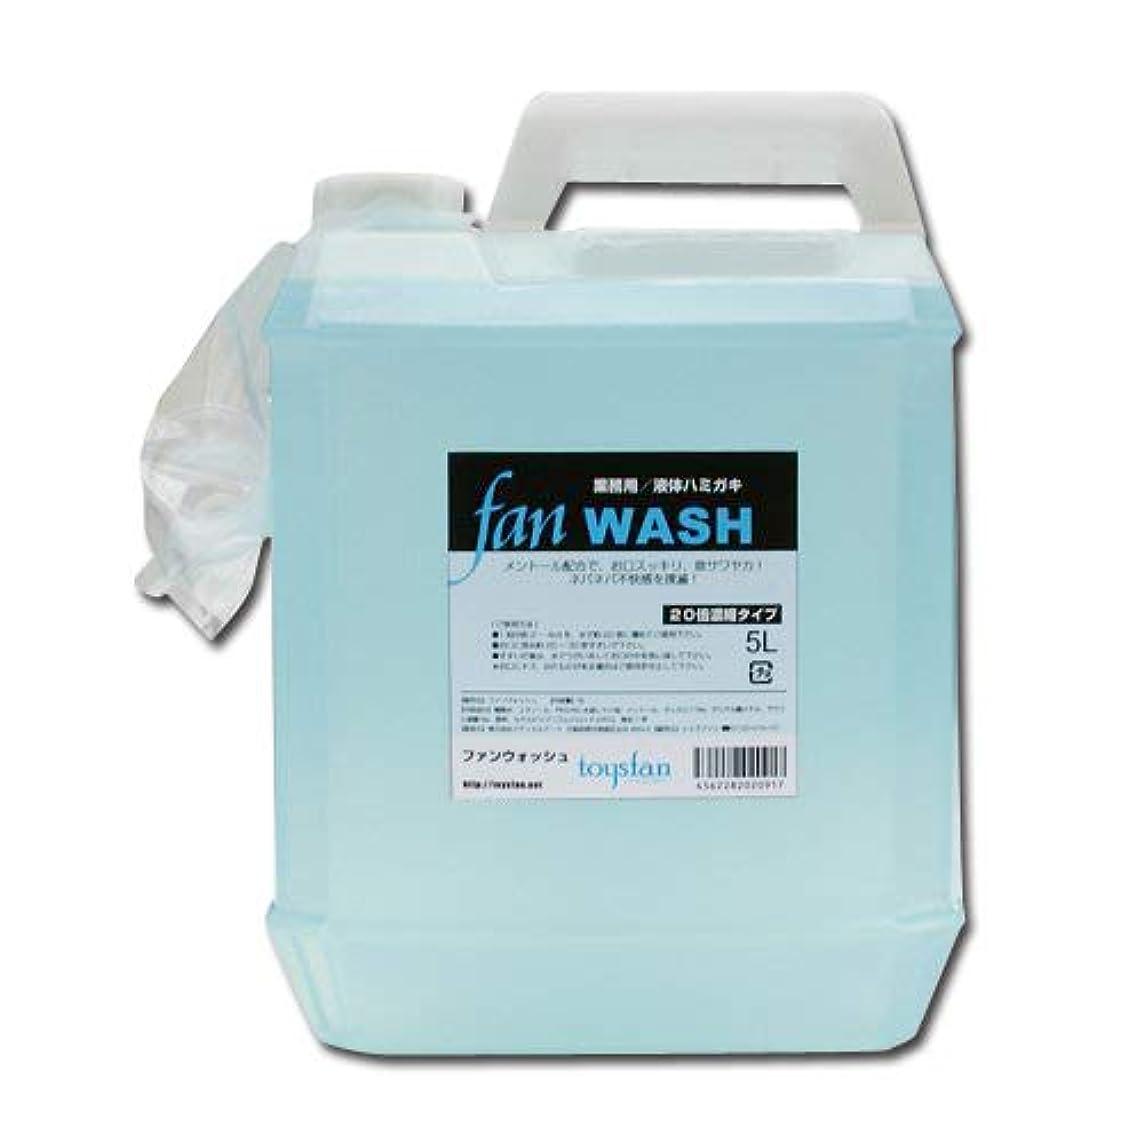 きつく絶えずお風呂を持っているファンウォッシュ 5L(20倍濃縮)業務用液体ハミガキ FAN WASHメントール配合│液体歯磨き大容量!うがい液